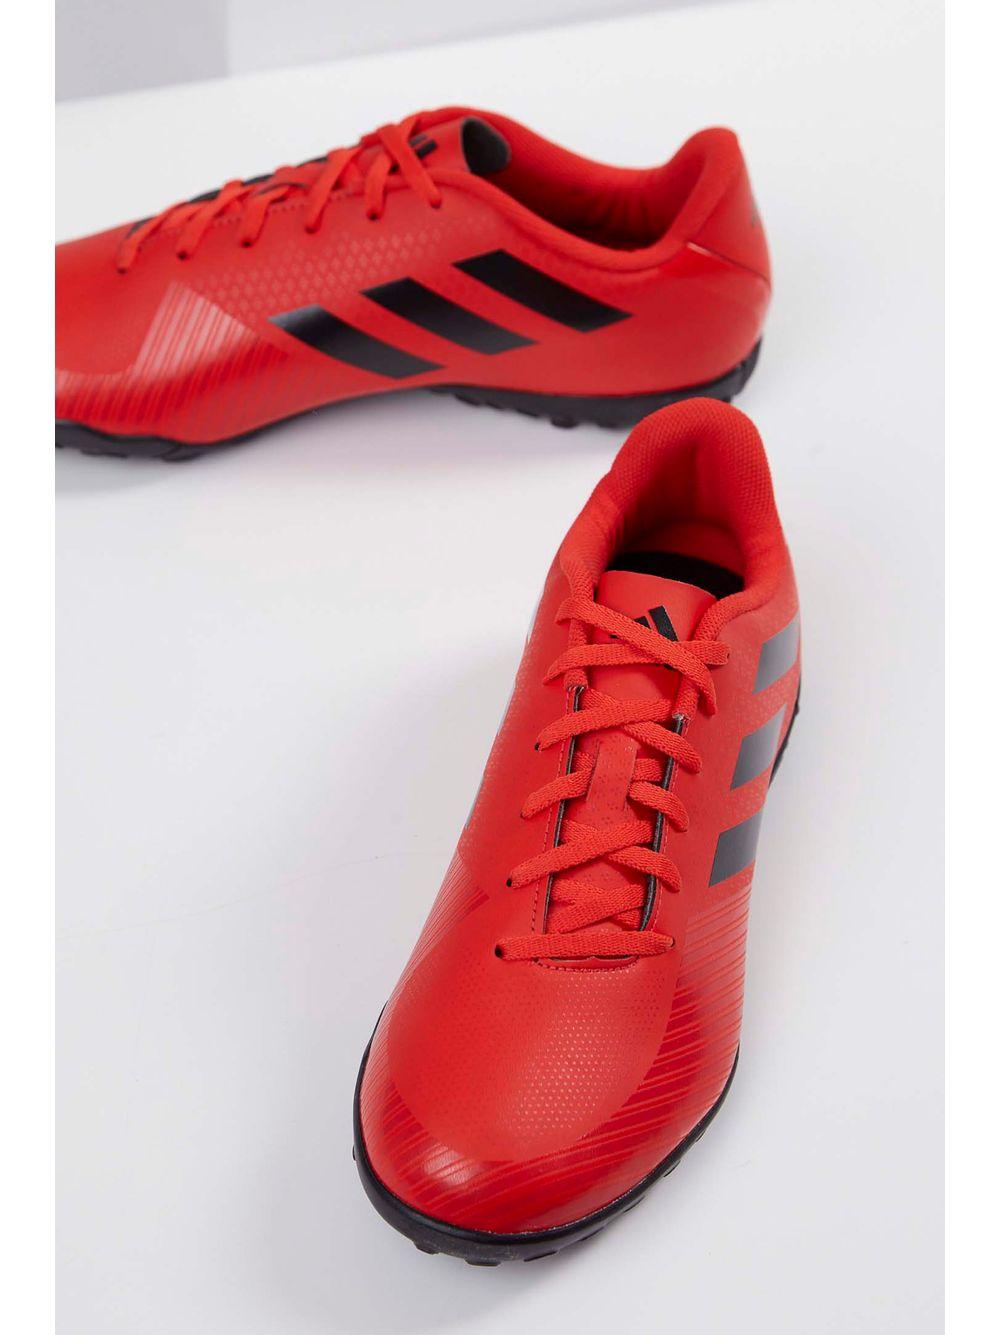 Tênis Adidas Artilheira Iii Tf Vermelho - pittol 0d482077e817a